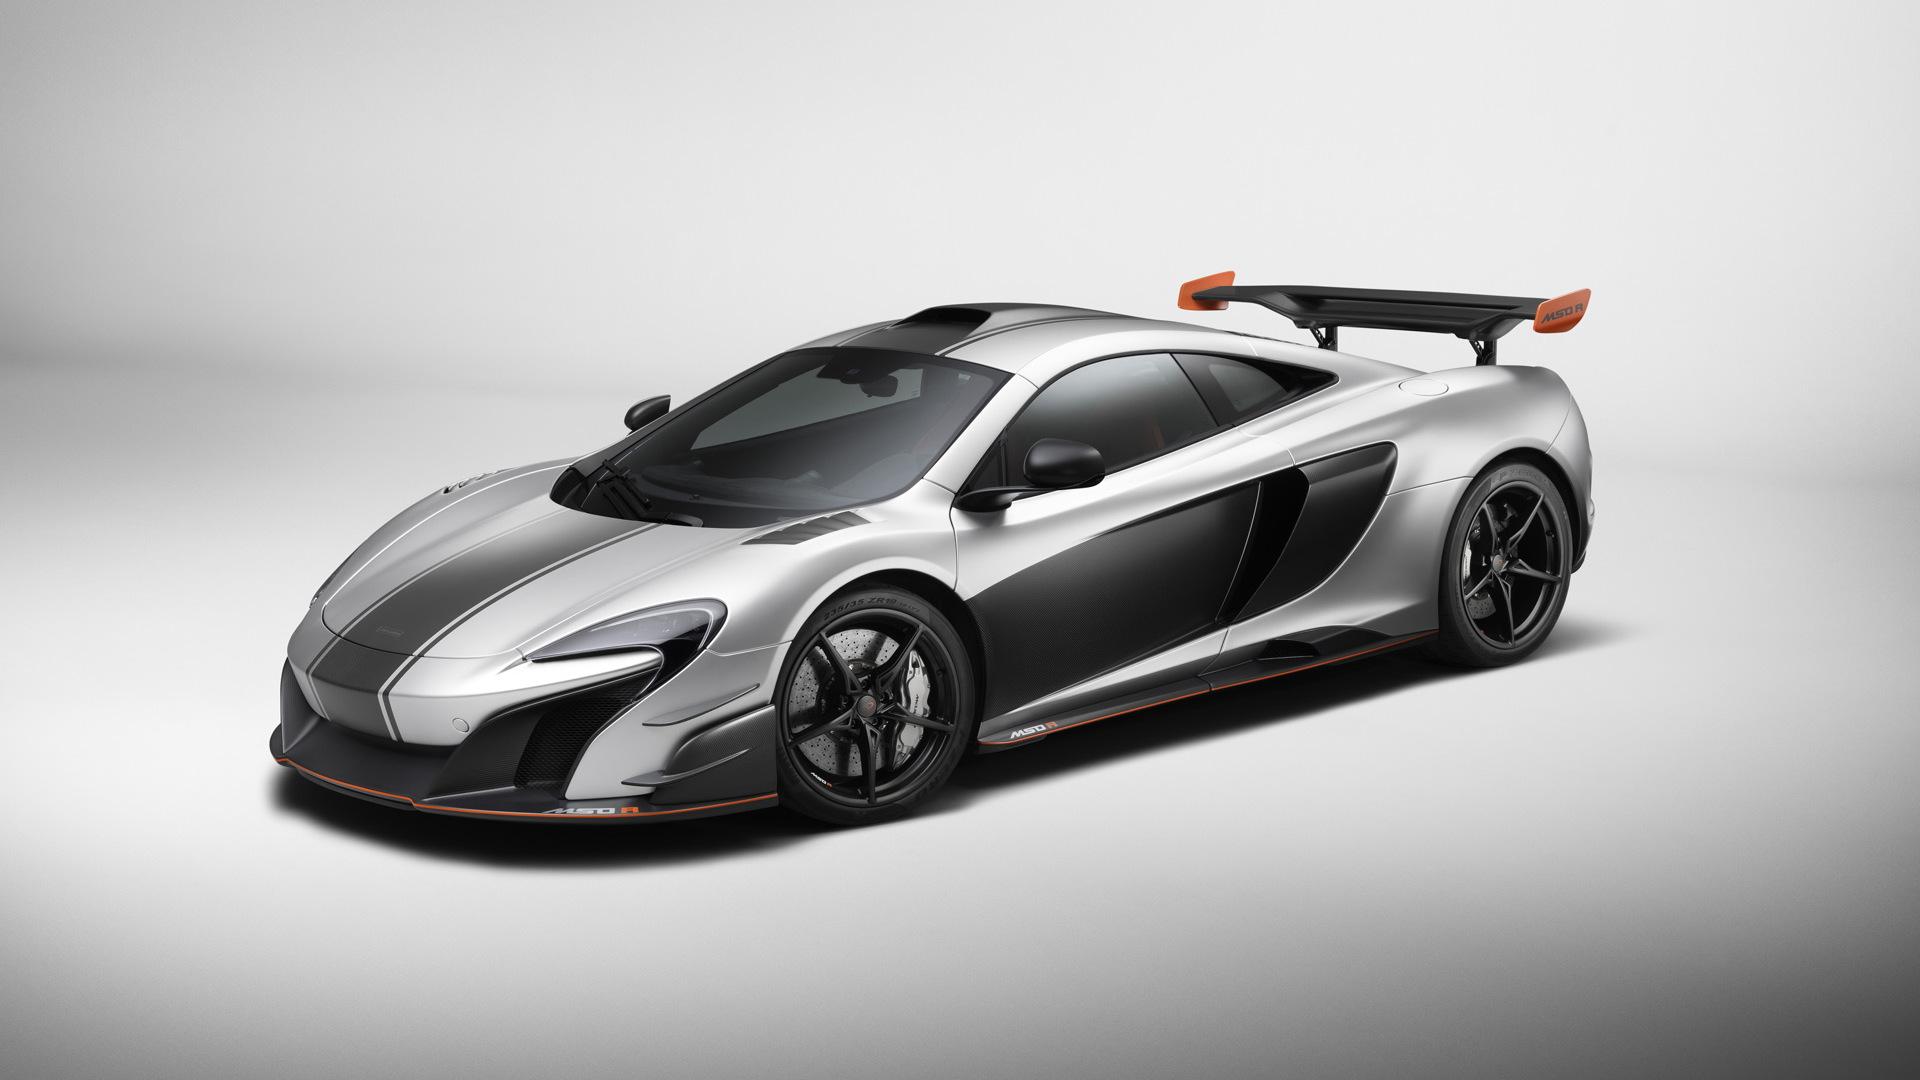 2017 McLaren MSO R